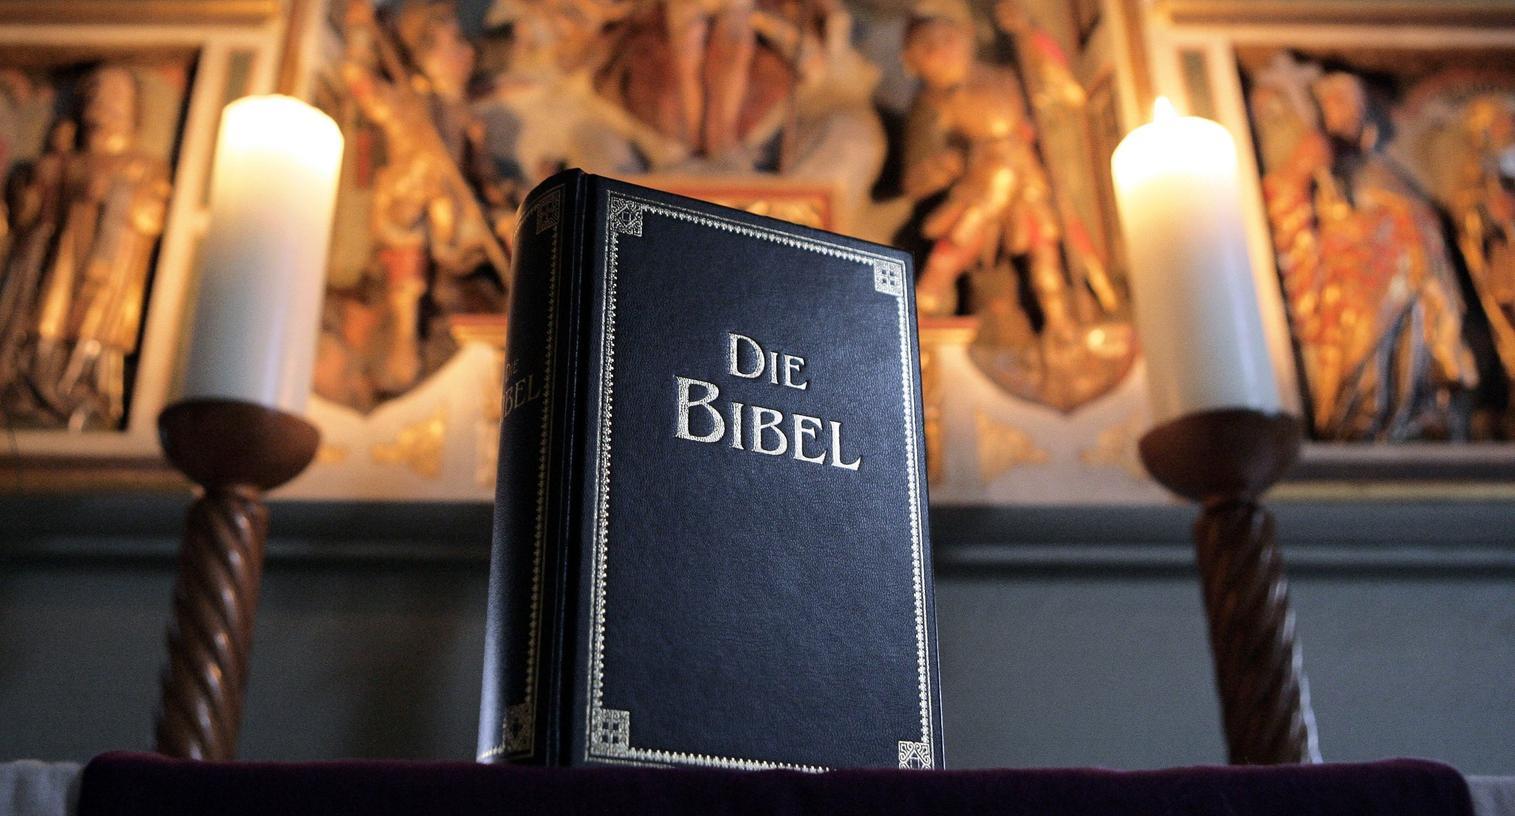 Welche Bedeutung haben Bibeltexte heute noch? In der Abteilung für Christliche Publizistik lernen Studierende, wie sie das den Menschen nicht nur im Gottesdienst, sondern auch über die Medien näherbringen.